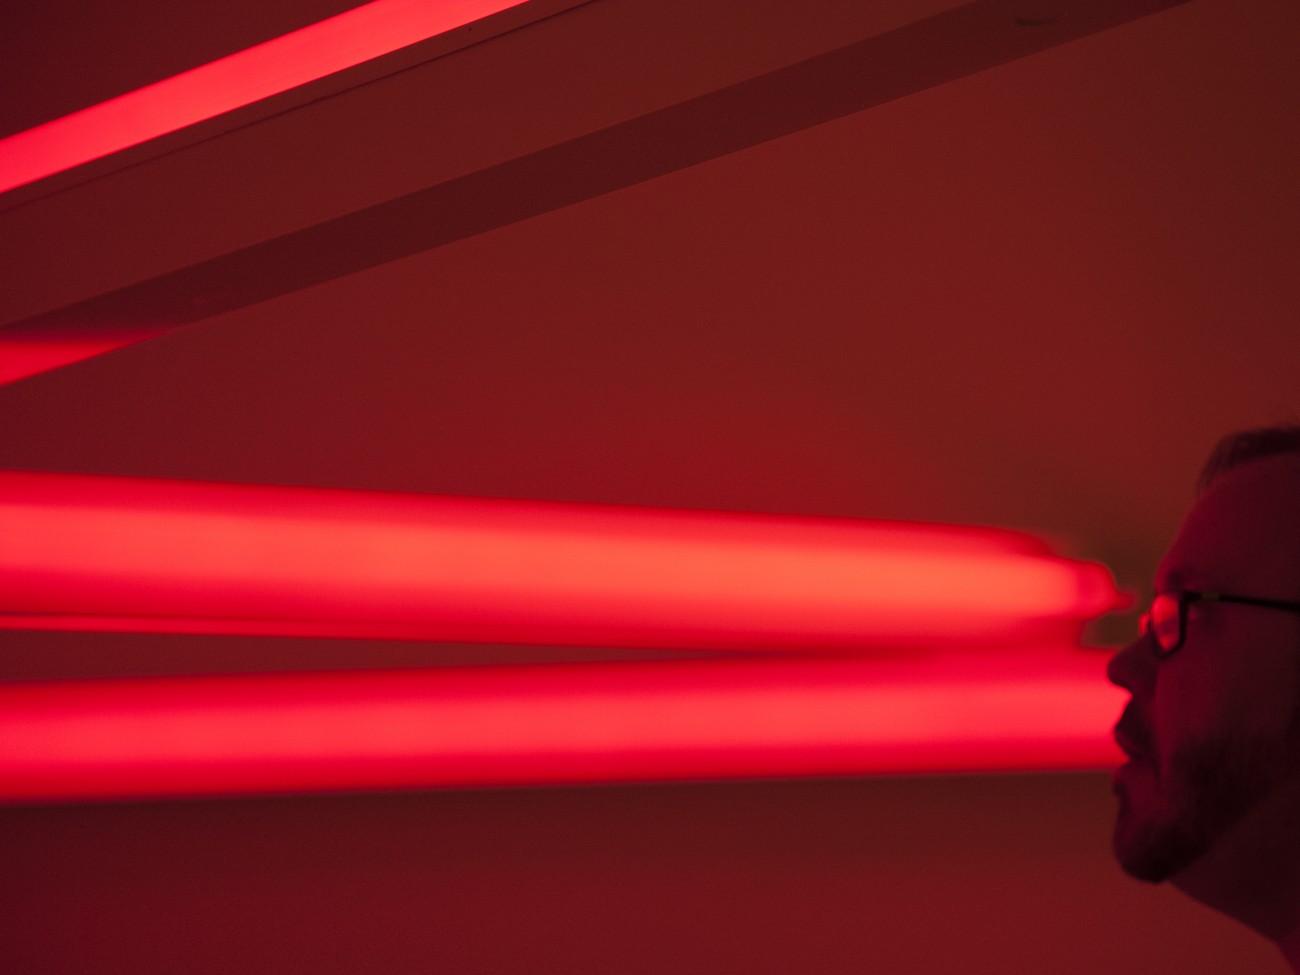 Steve Giasson. Performance invisible n° 25 (Rougir (de honte ou de plaisir ou de colère ou d'autre chose).) Dan Flavin. Monument 4 for those who have been killed in ambush (to PK, who reminded me about death). 1966. Musée des beaux-arts du Canada, Ottawa. Performeur : Steve Giasson. Crédit photographique : Martin Vinette. 22 septembre 2015.